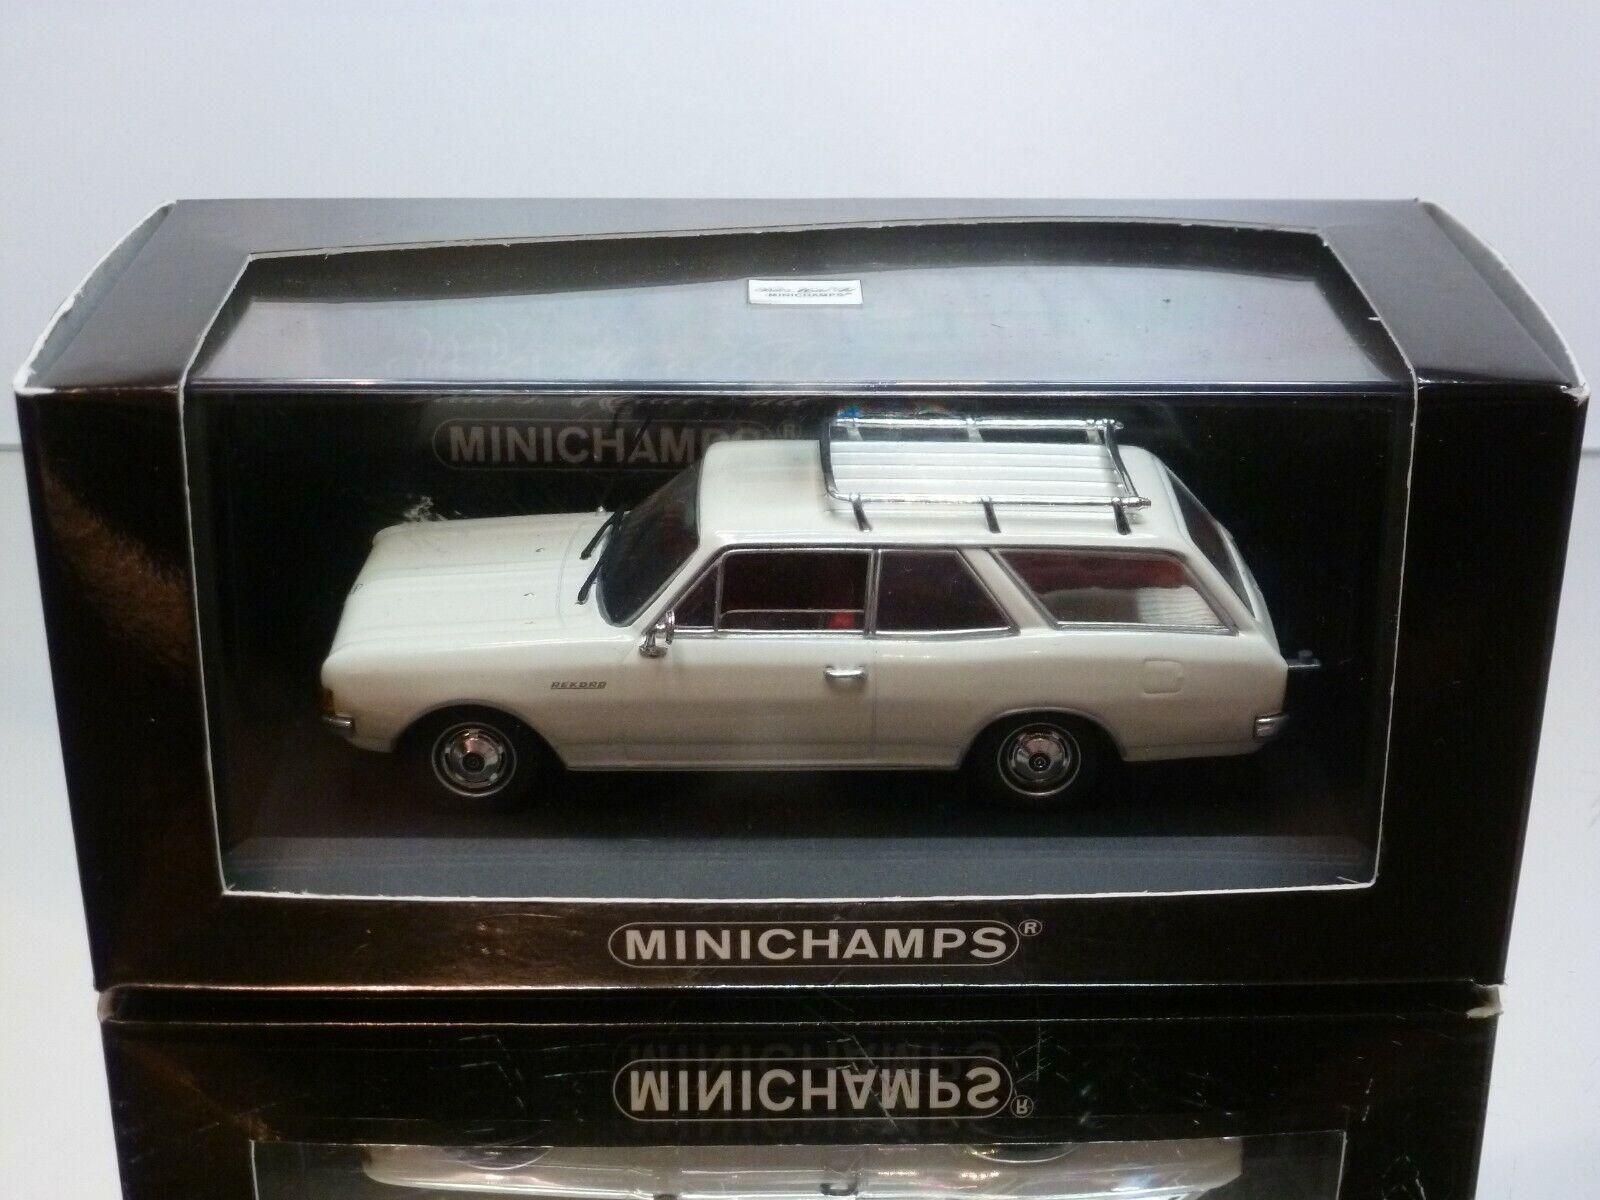 popular MINICHAMPS 46110 OPEL OPEL OPEL REKORD C BREAK 1966 - blanco 1 43 - MINT CONDITION IN BOX  tienda en linea